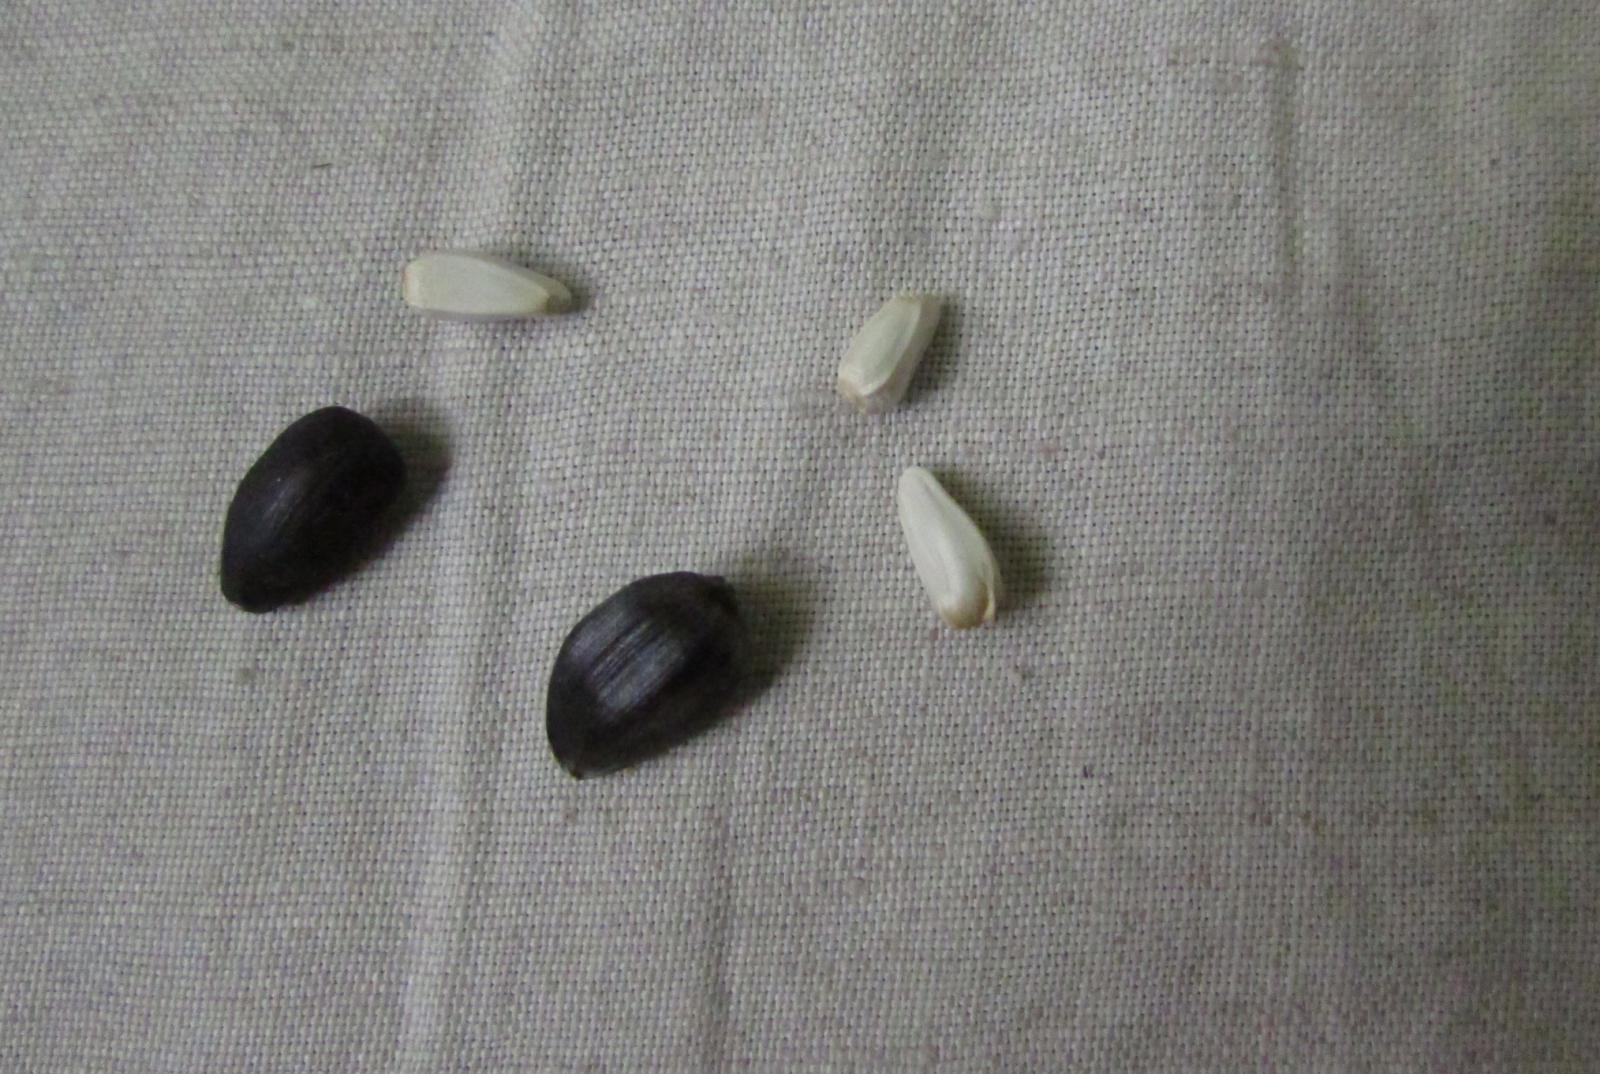 Белые семена - это тоже семечки? - IMG_1230.JPG